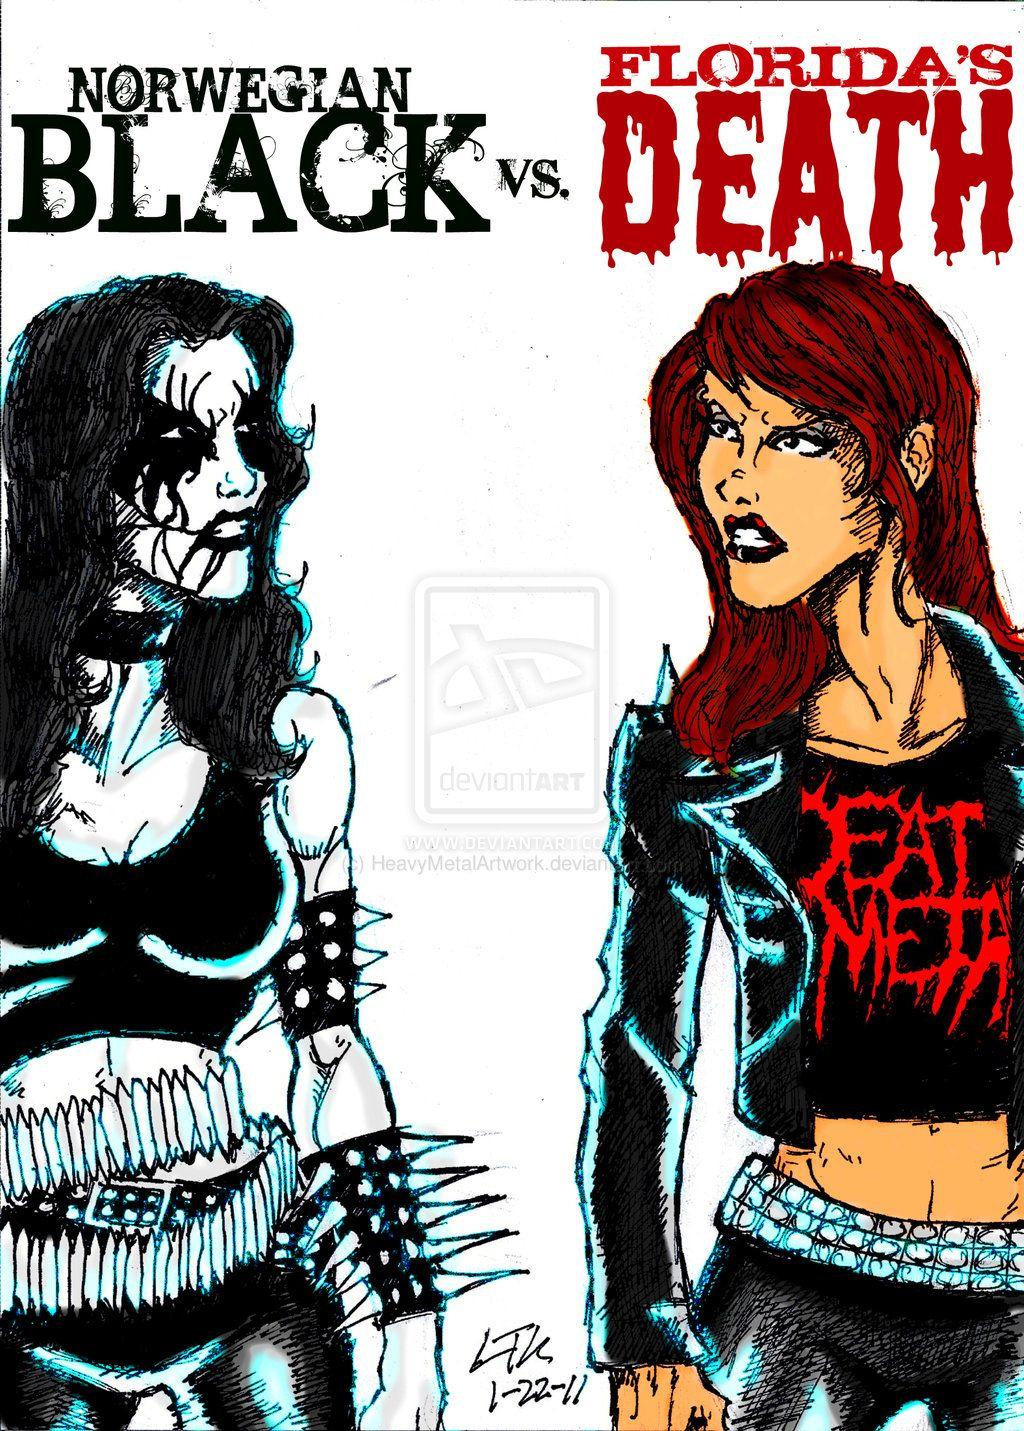 heavy metal metalhead memes | Black Metal Vs. Death Metal ...